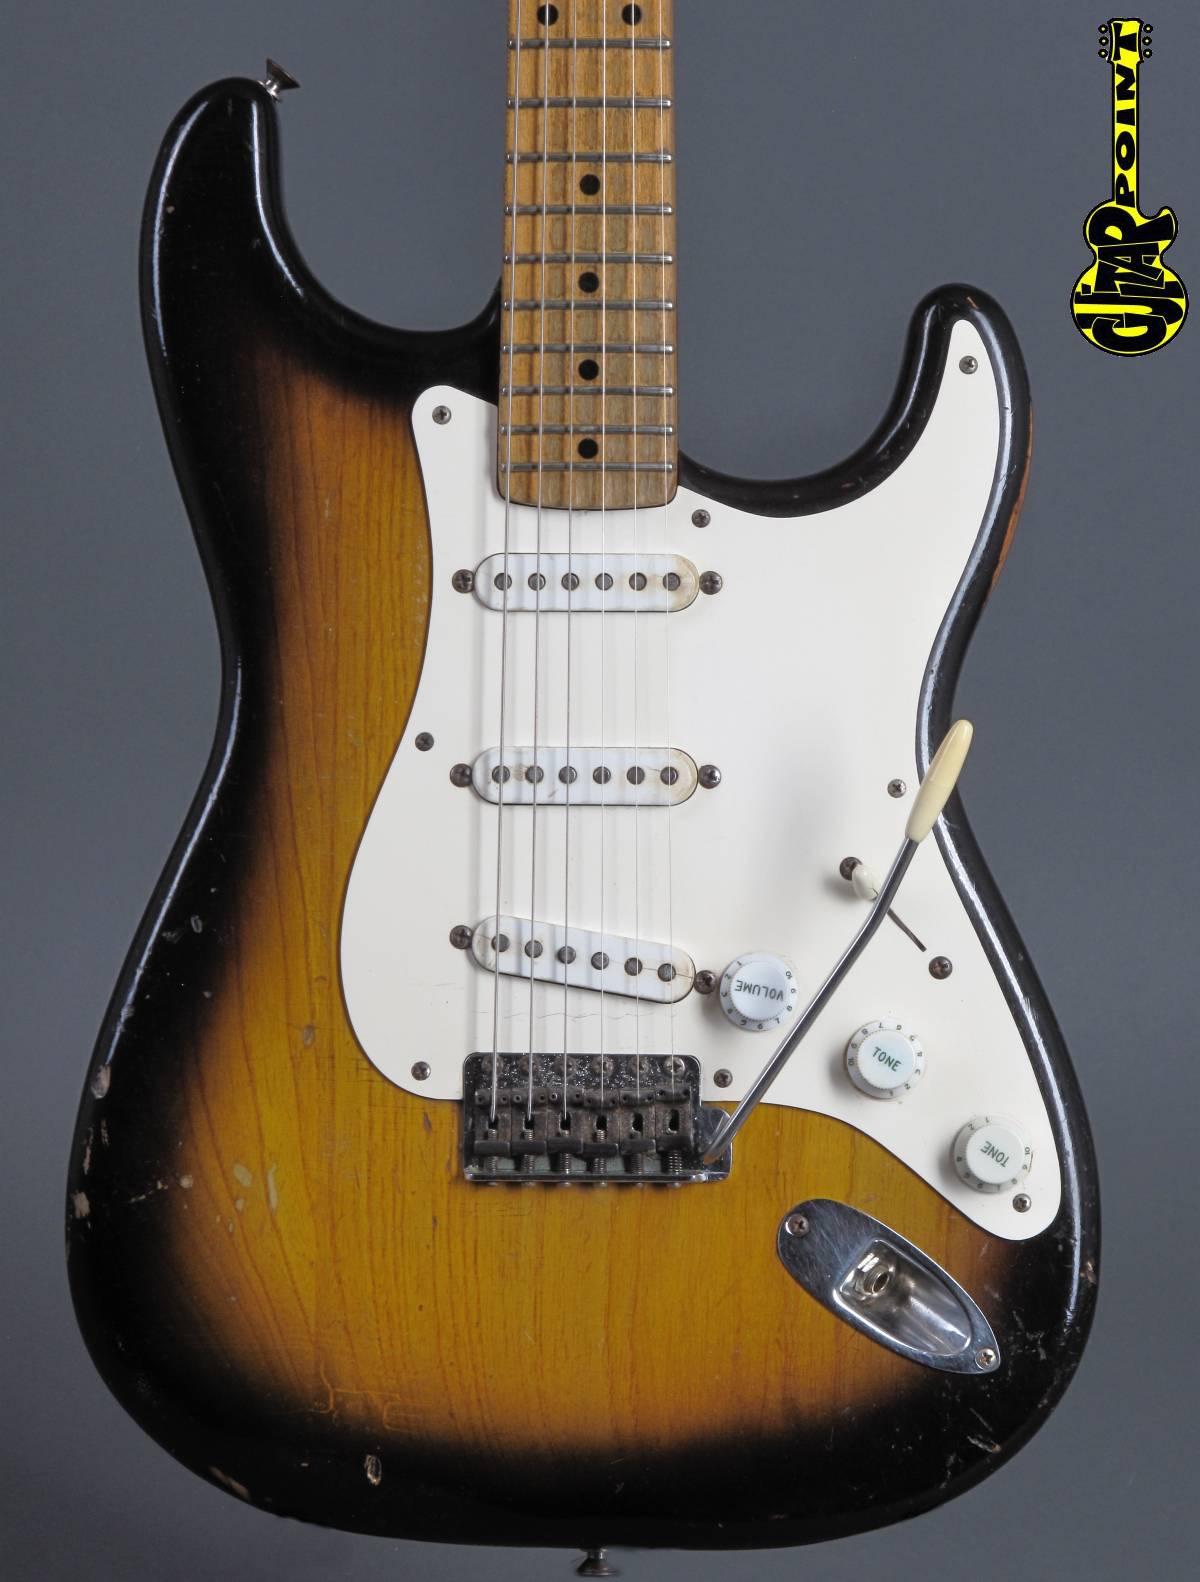 1955 Fender Stratocaster - 2-Tone Sunburst - 3,1Kg!